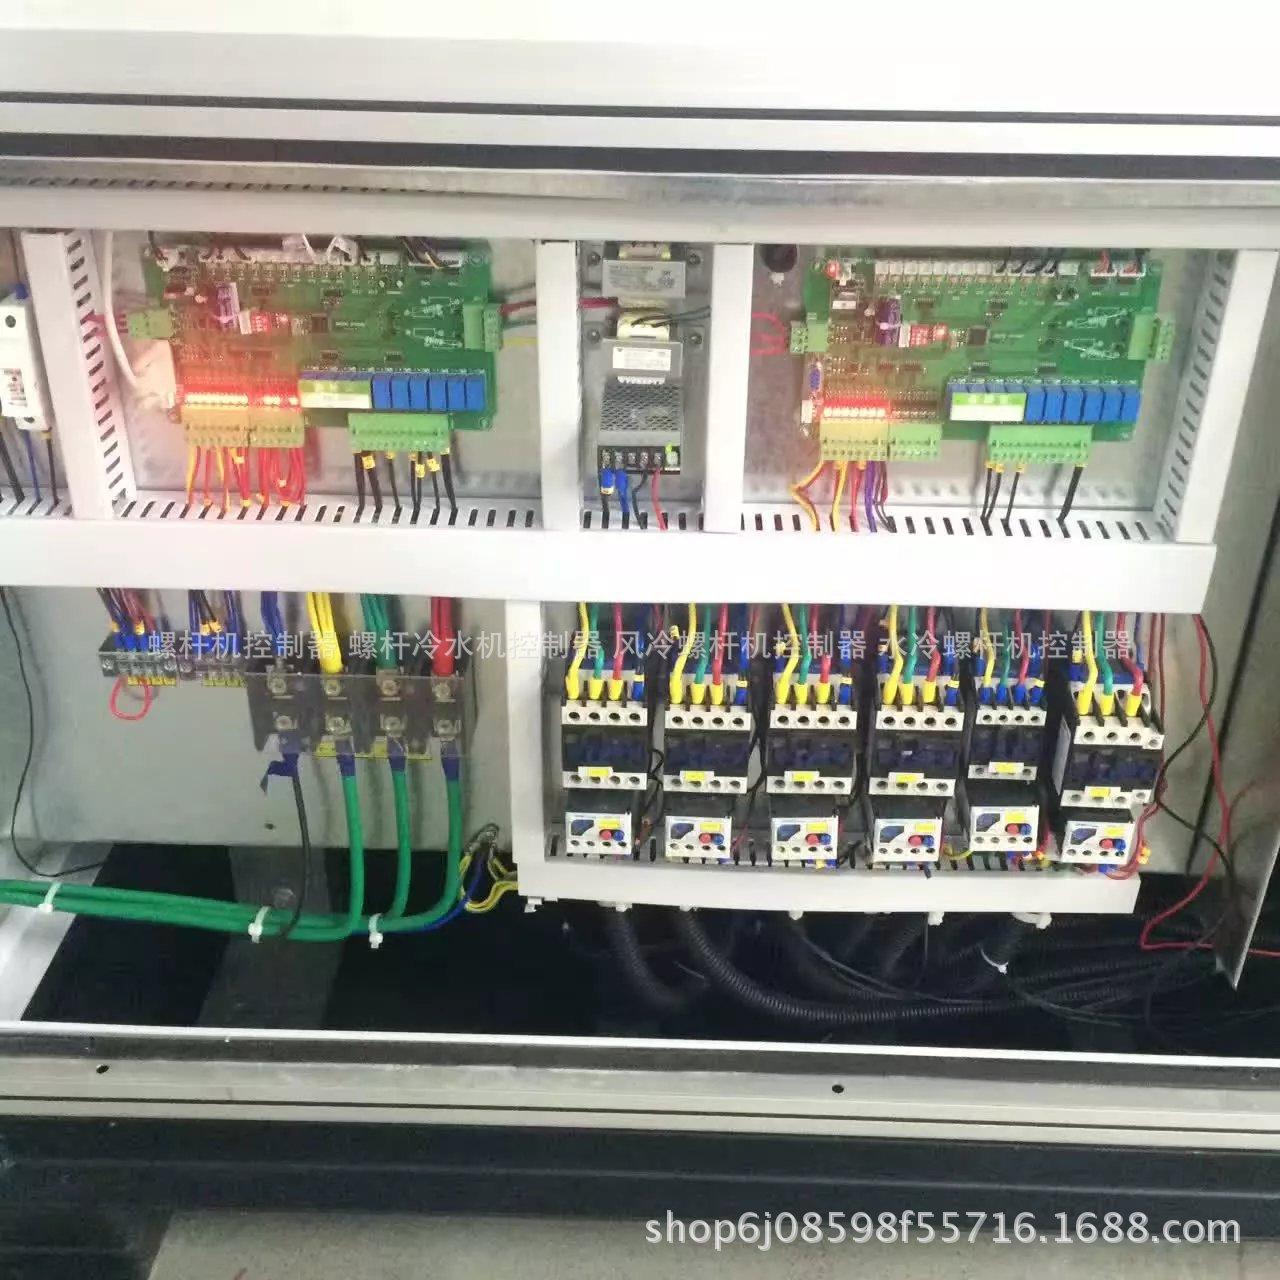 模块机控制器、风冷水冷模块机控制器、风冷热泵控制器